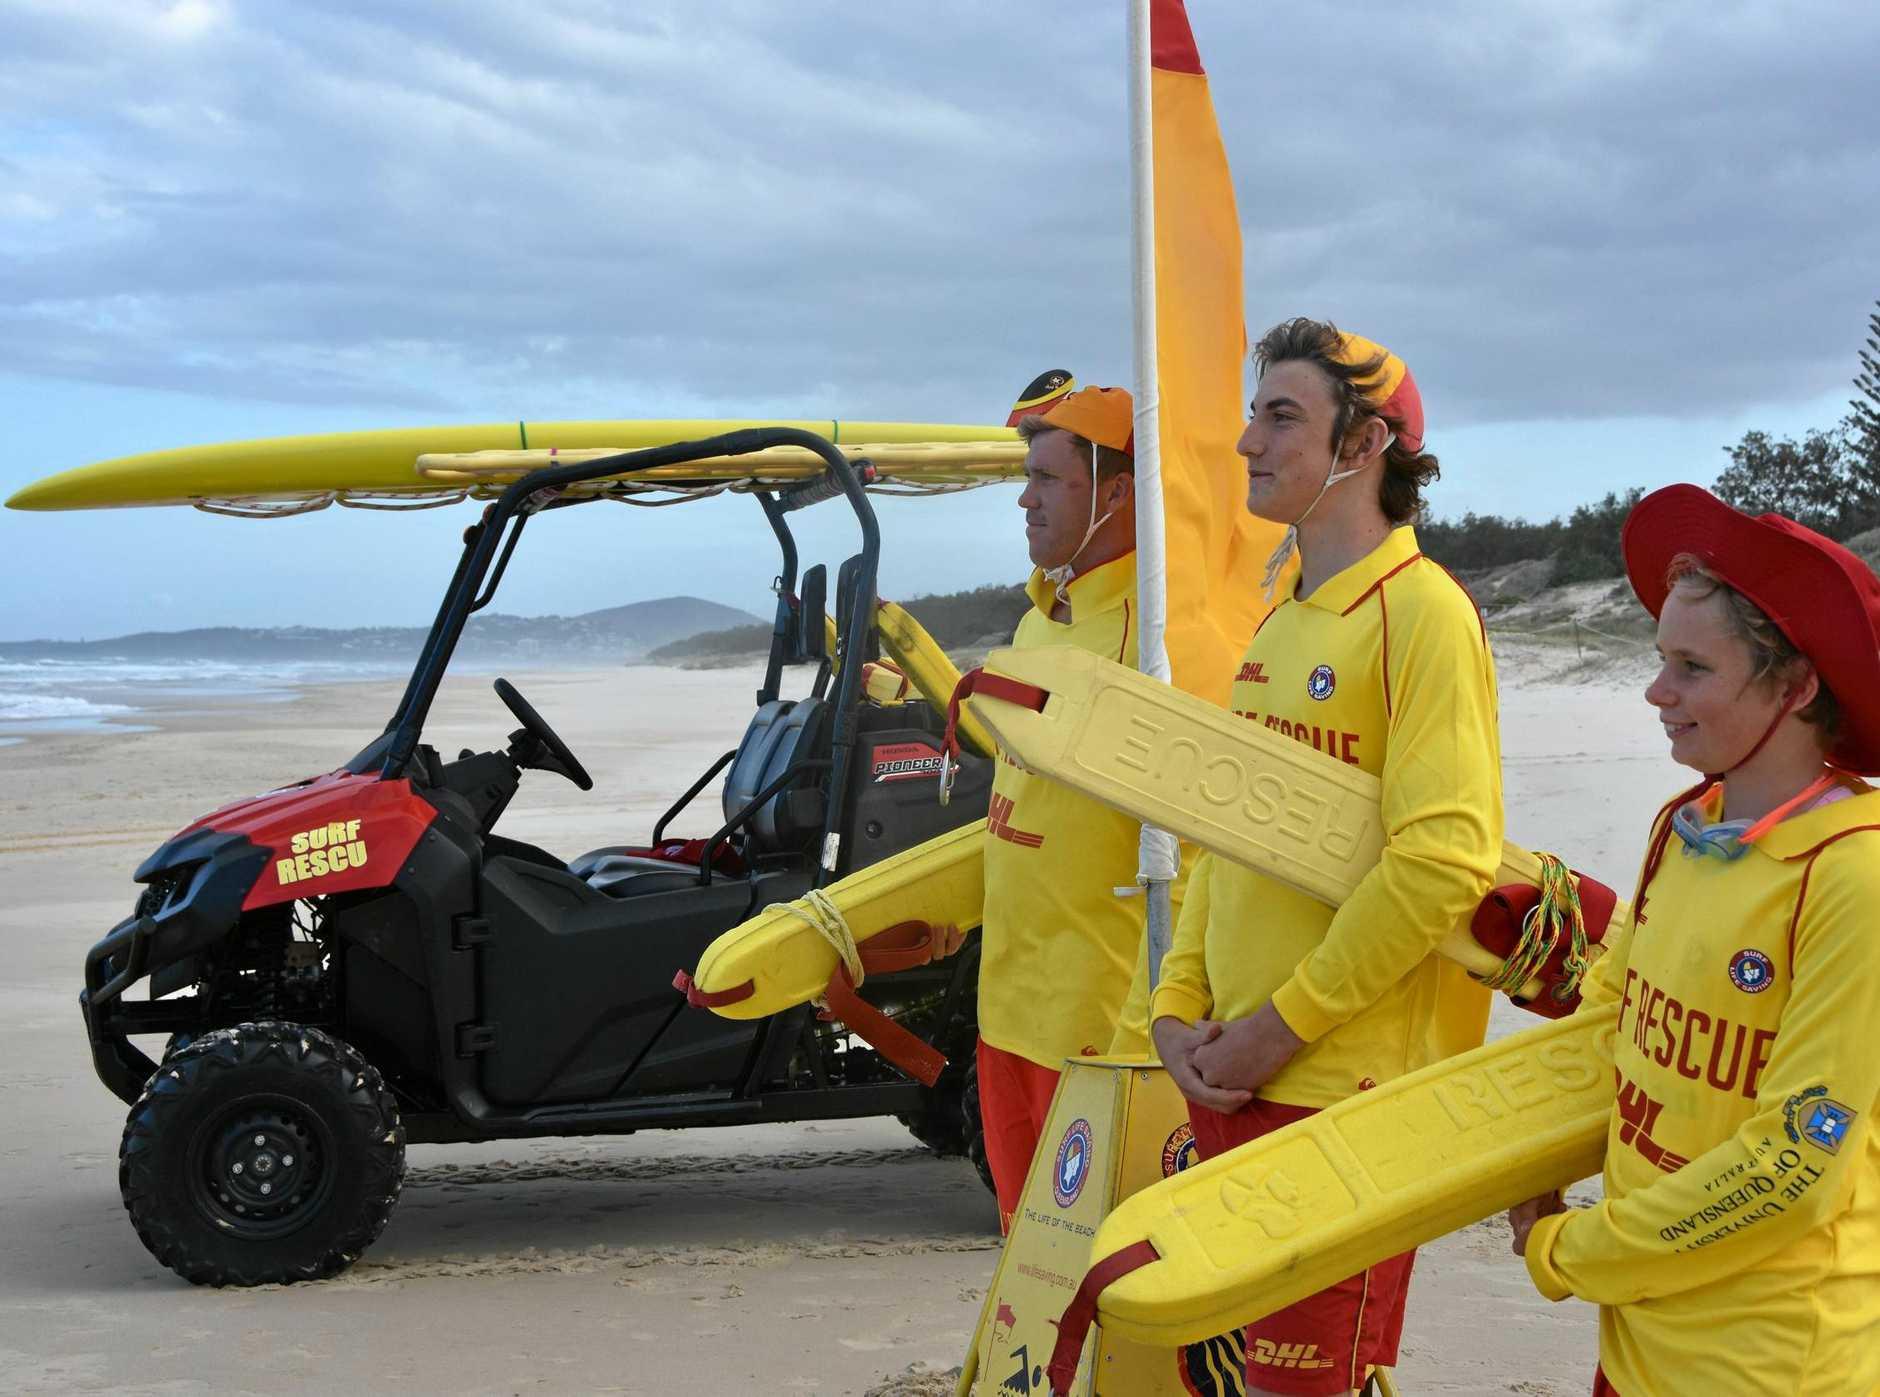 Lifesavers at Peregian Beach.